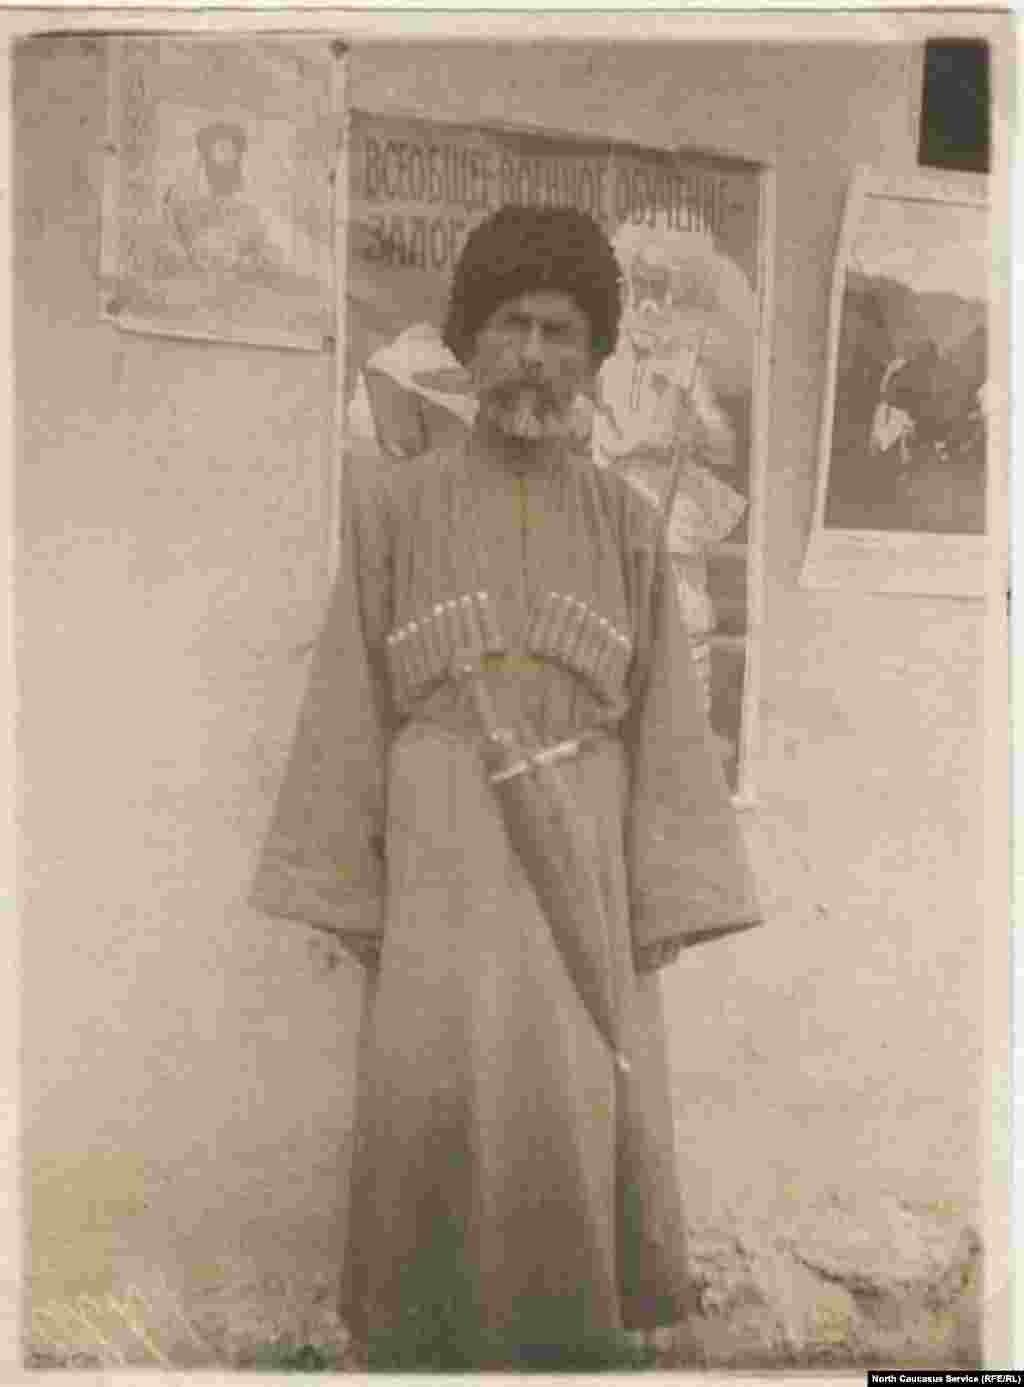 Чеченец в первой половине 20-х годах ХХ века в черкеске, при нем обязательным атрибутом был кинжал, который позже советская власть запретит для ношения всем горцам Кавказа.